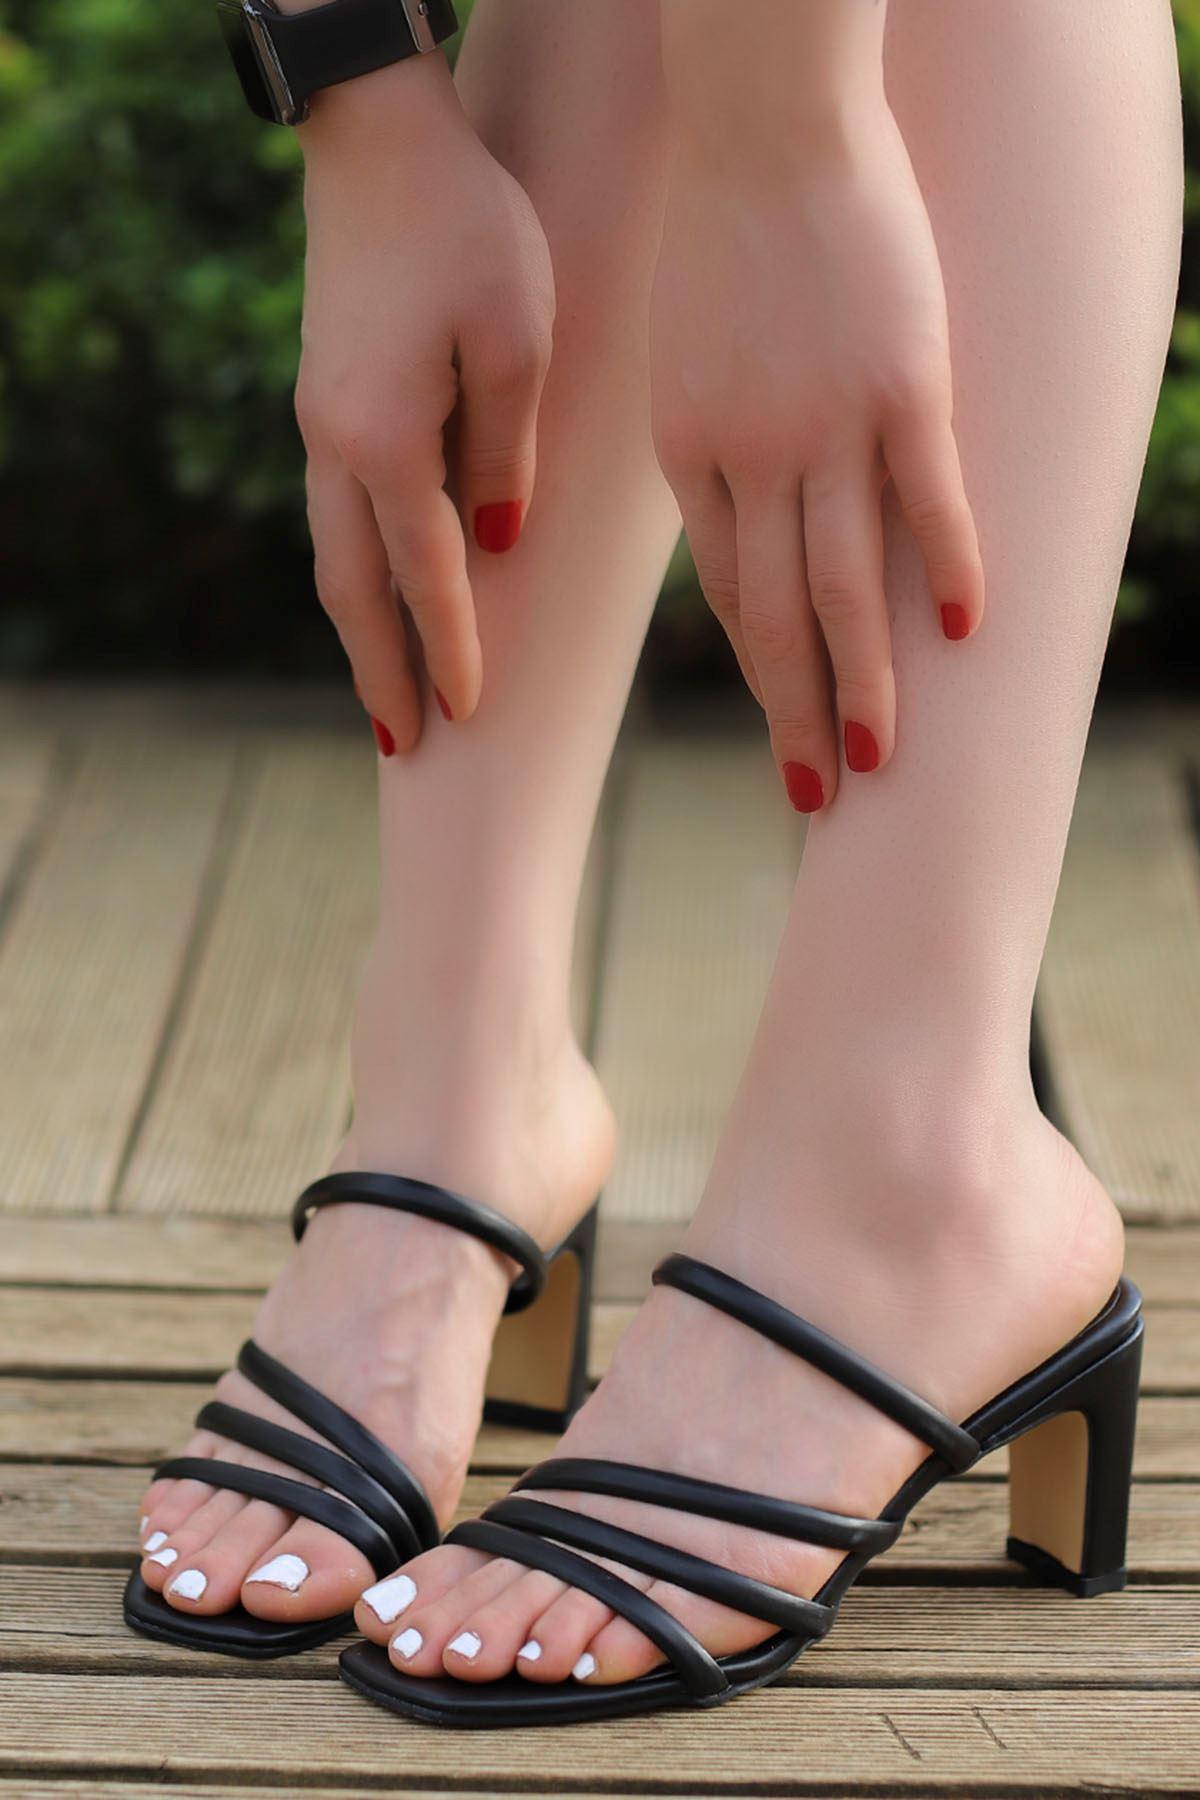 Mabel Bantlı Topuklu Terlik Siyah